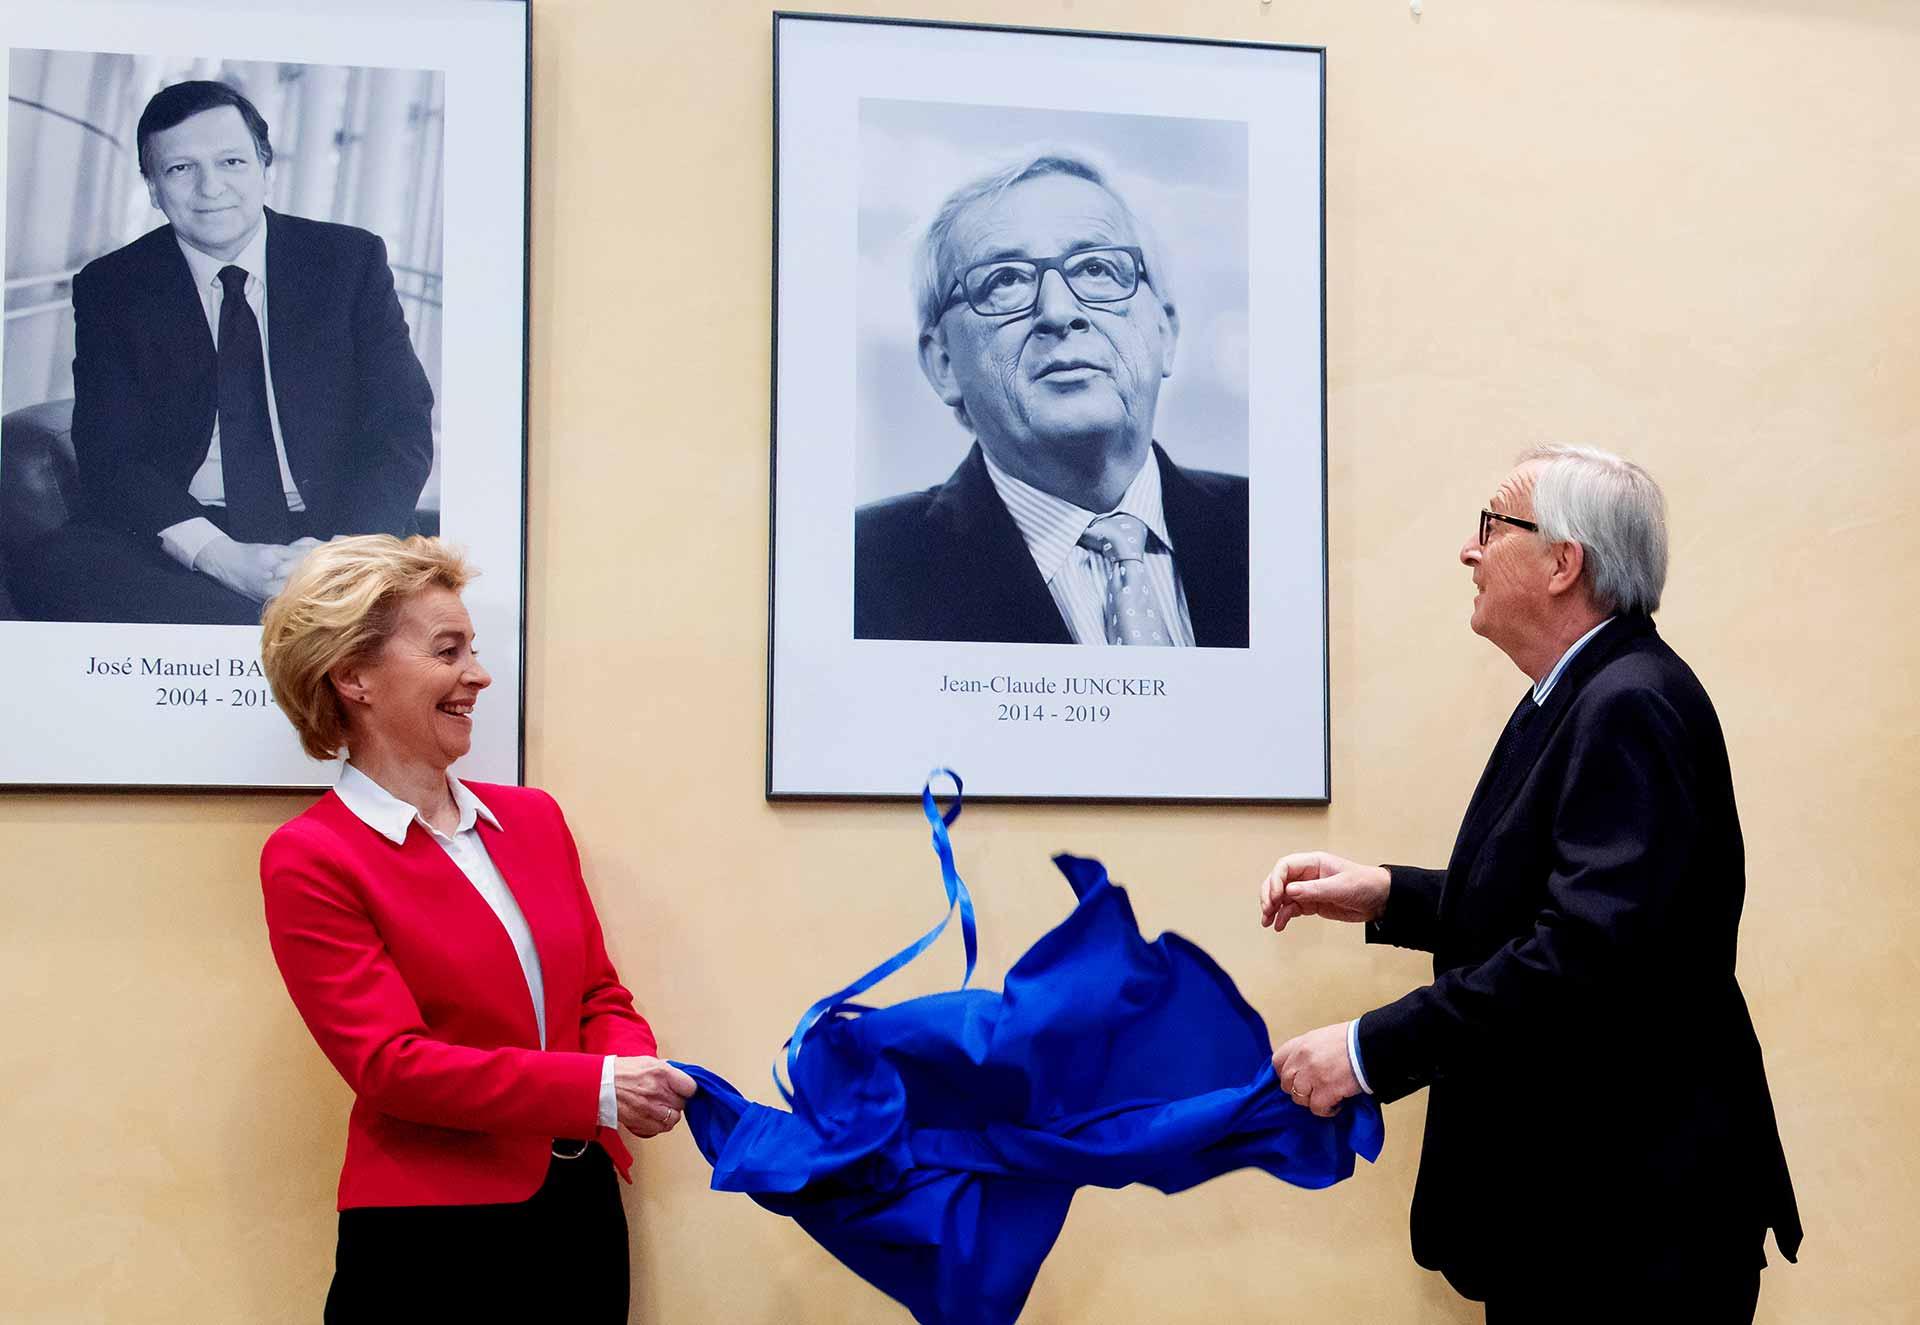 portrait of Jean-Claude Juncker